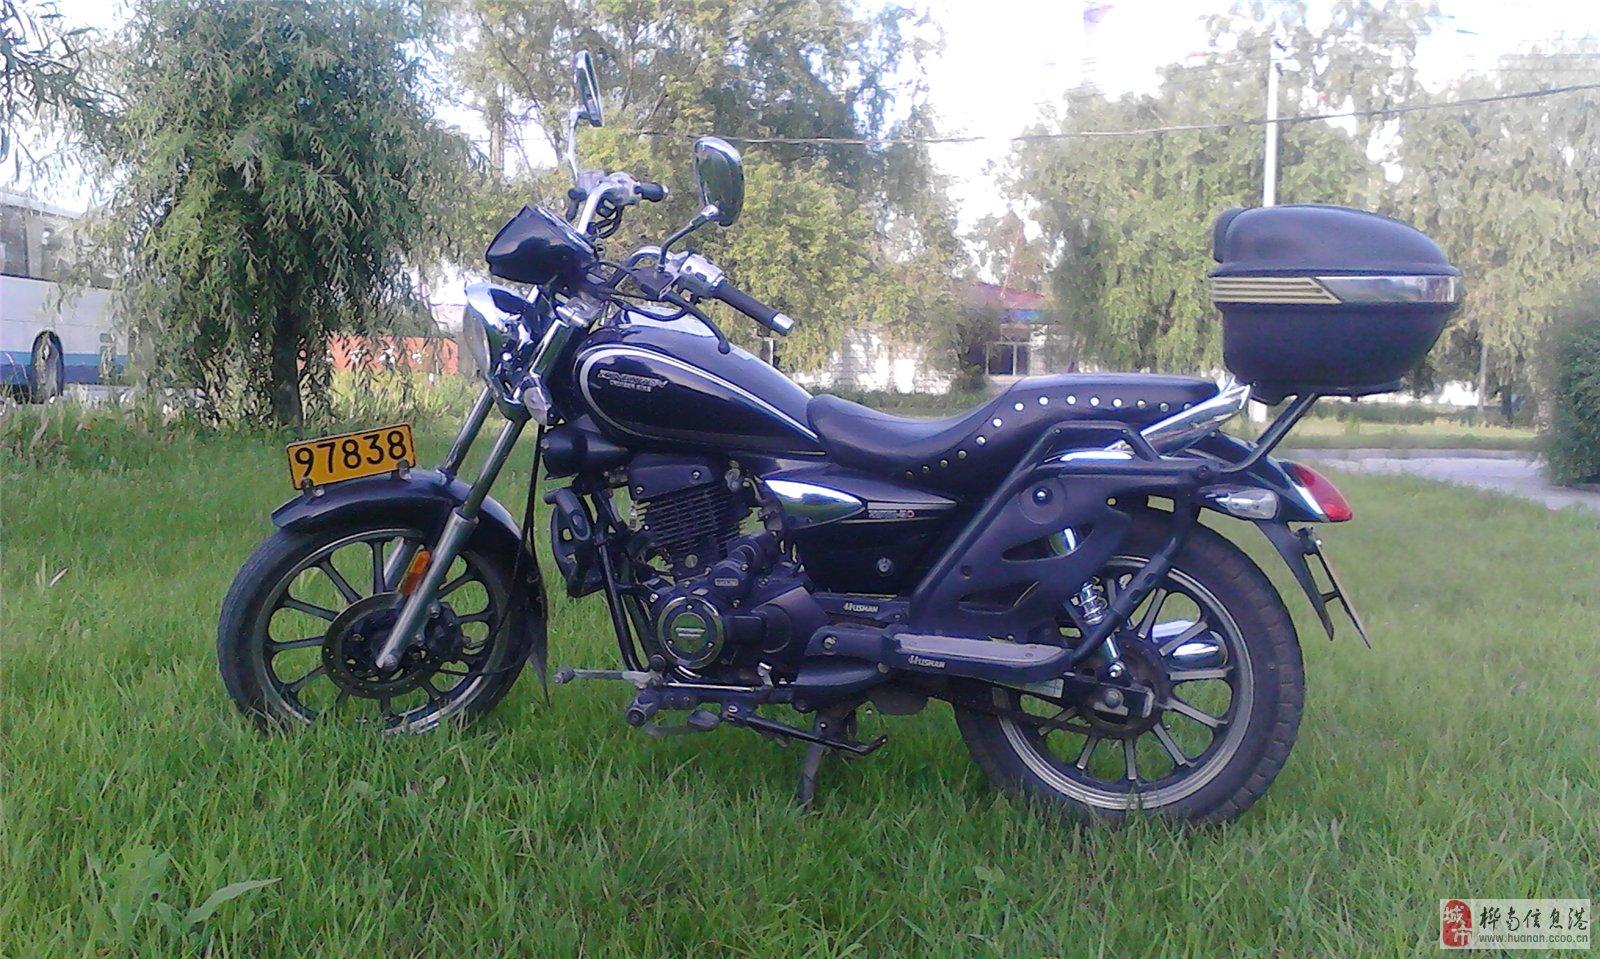 宗申zs125-50摩托车